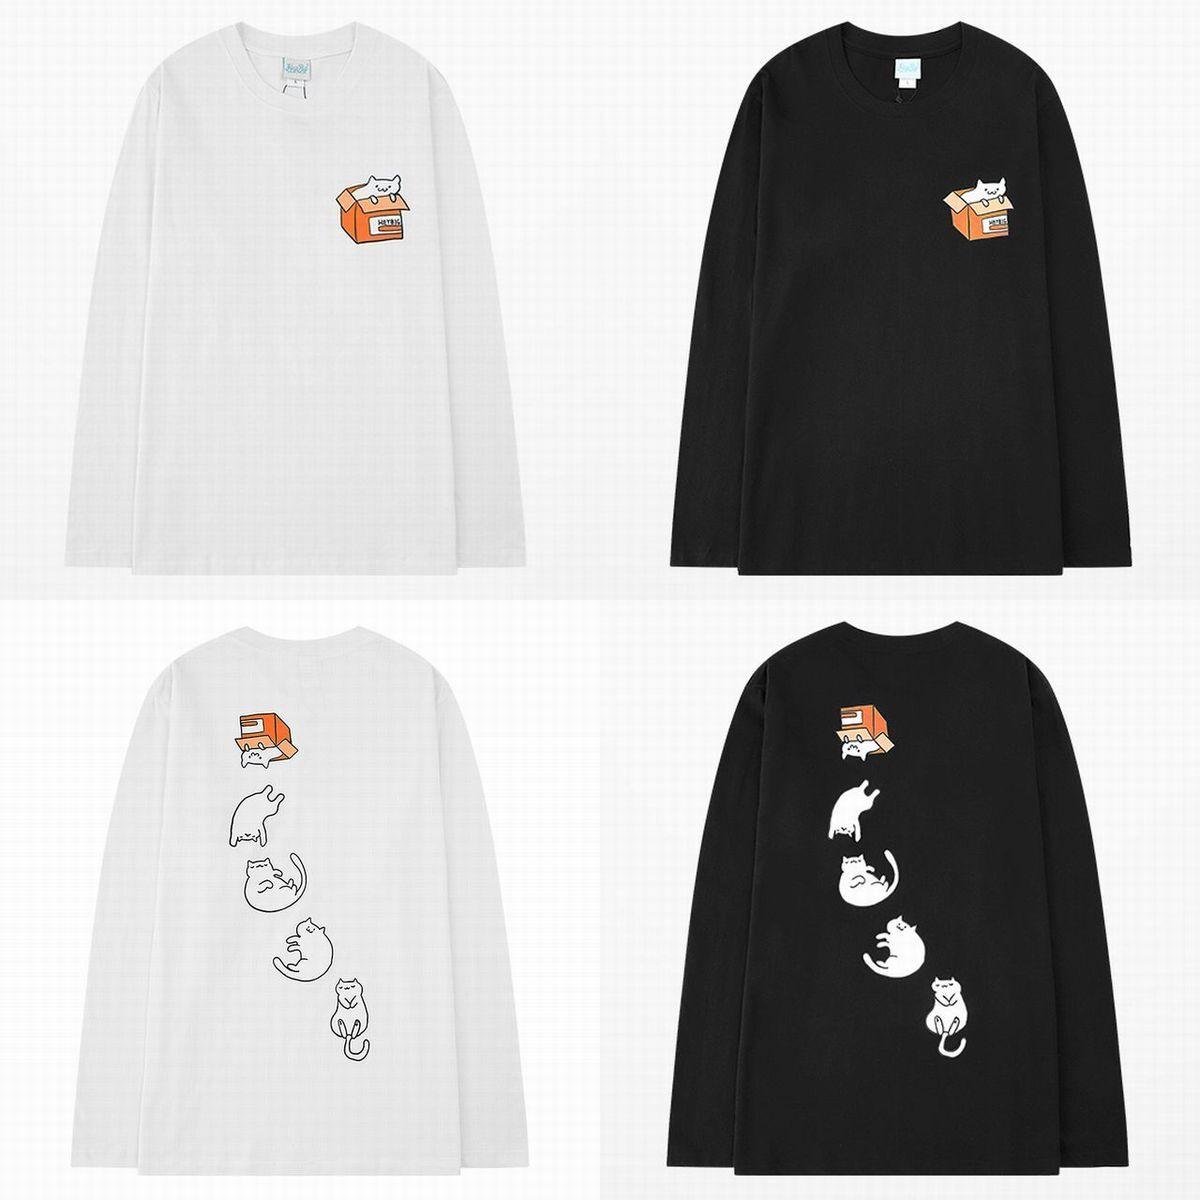 ユニセックス 長袖 Tシャツ メンズ レディース ネコ バックプリント ラウンドネック オーバーサイズ 大きいサイズ ストリート